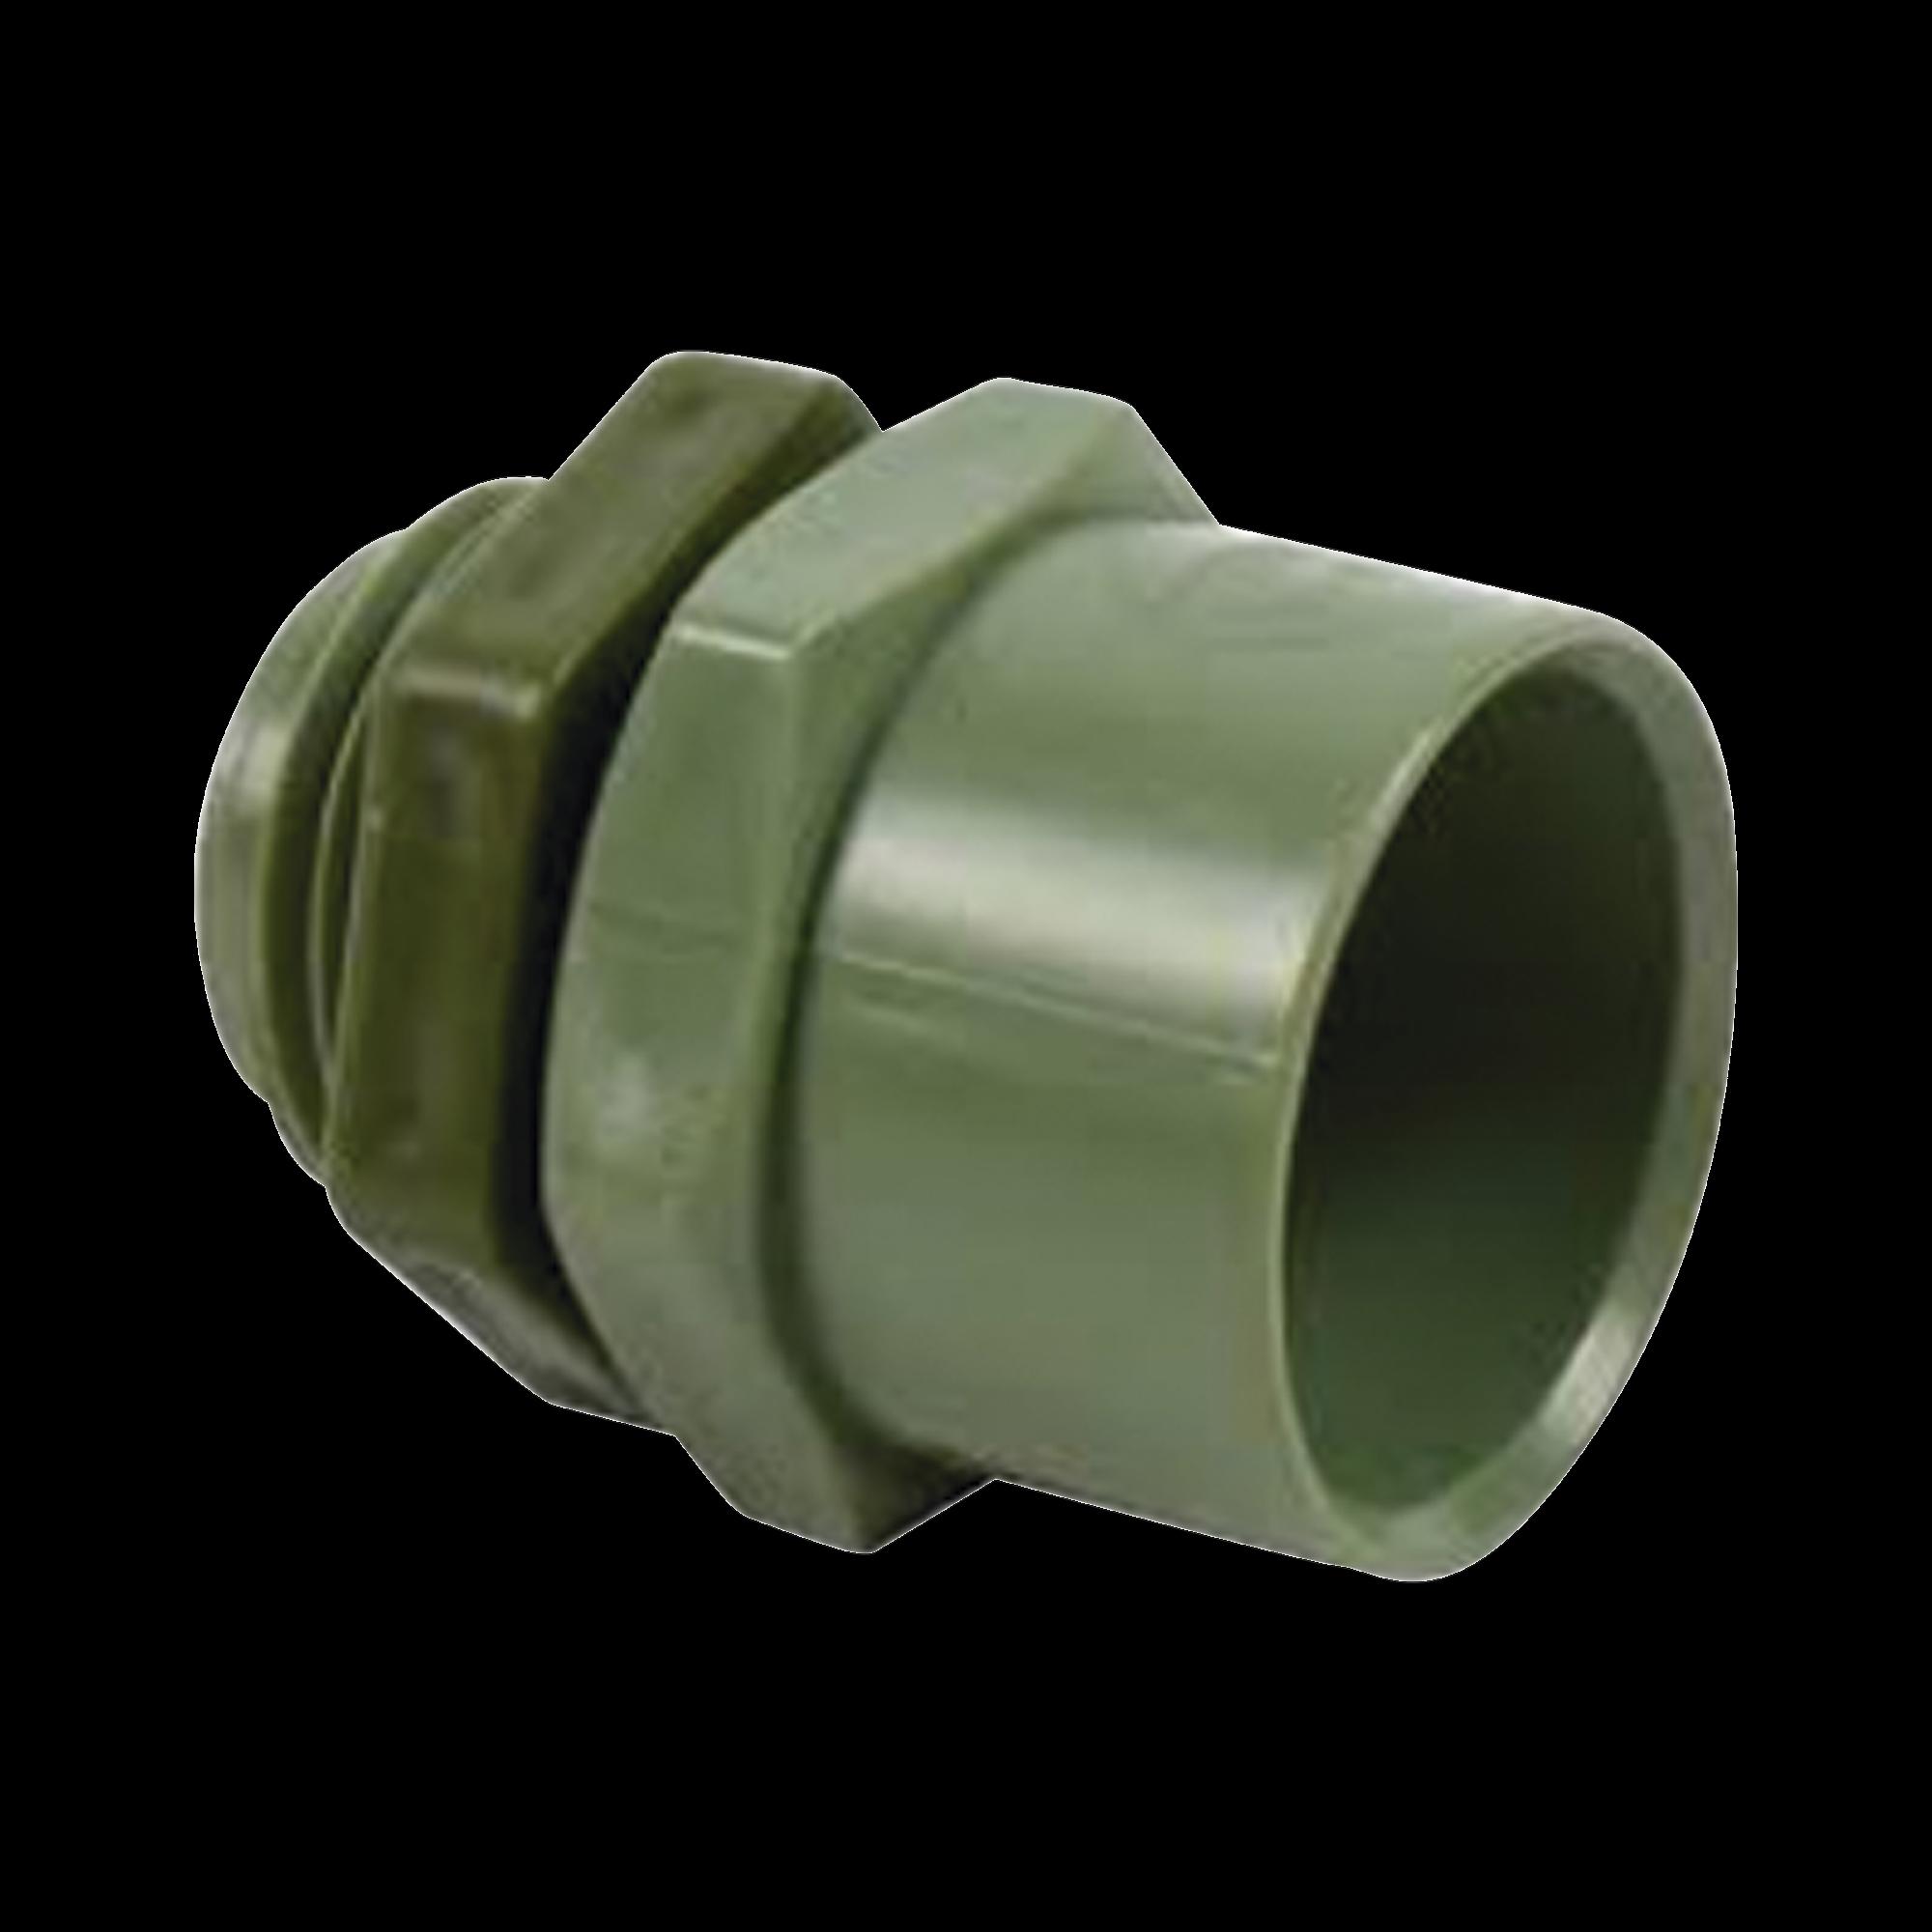 Conector de 1/2 para tuberia PVC conduit pesado (13 mm)